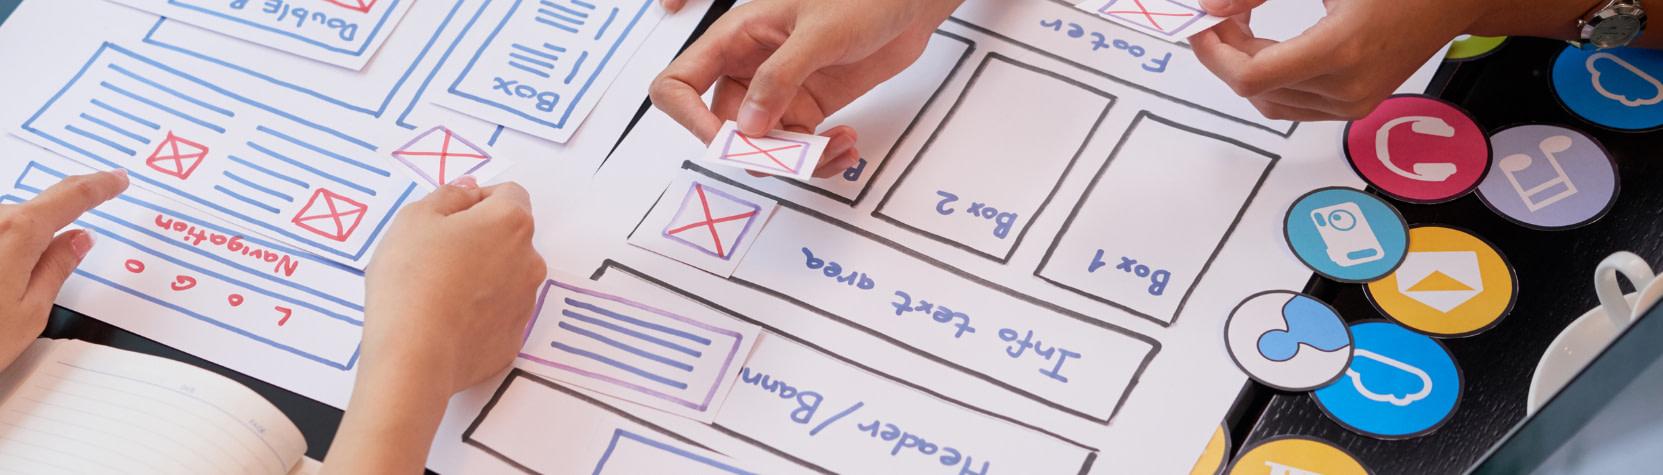 VDS Training Consultants whitepaper hoe ontwerp ik een traineeship 3.0